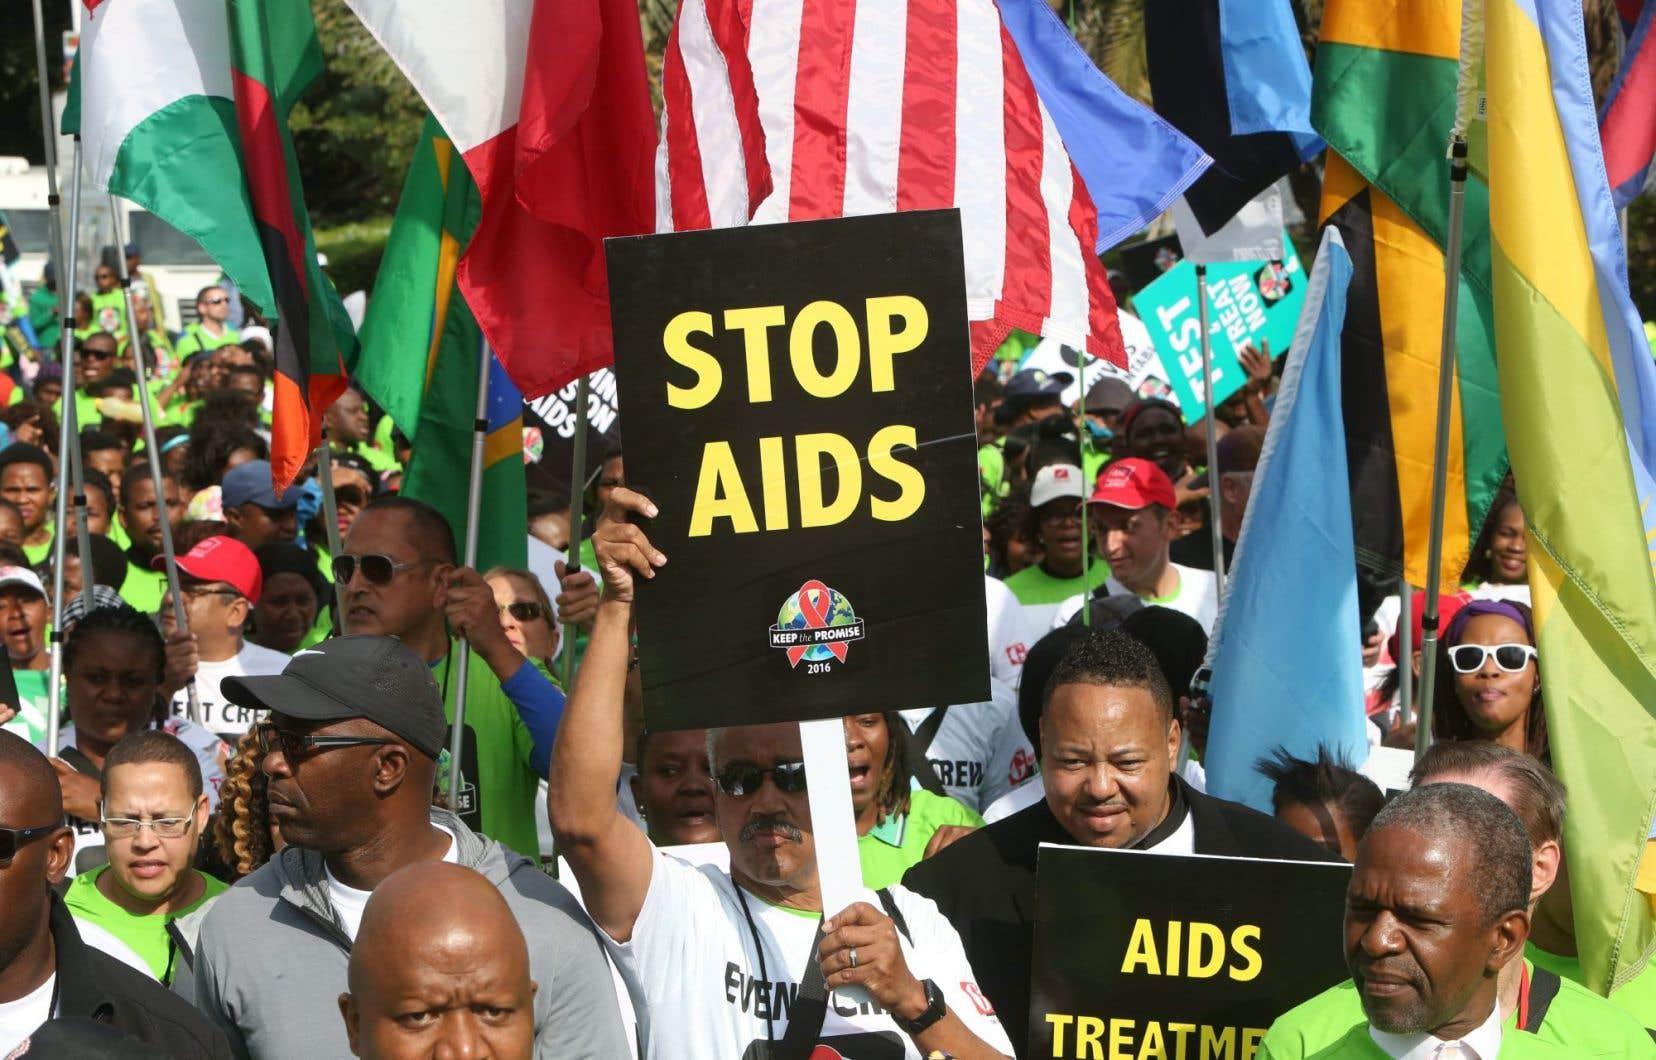 Marche à Durban pour soutenir la lutte contre le sida. D'après les dernières données épidémiologiques, 36,7millions de personnes vivent avec le VIH dans le monde, et 1,9million sont infectées chaque année.